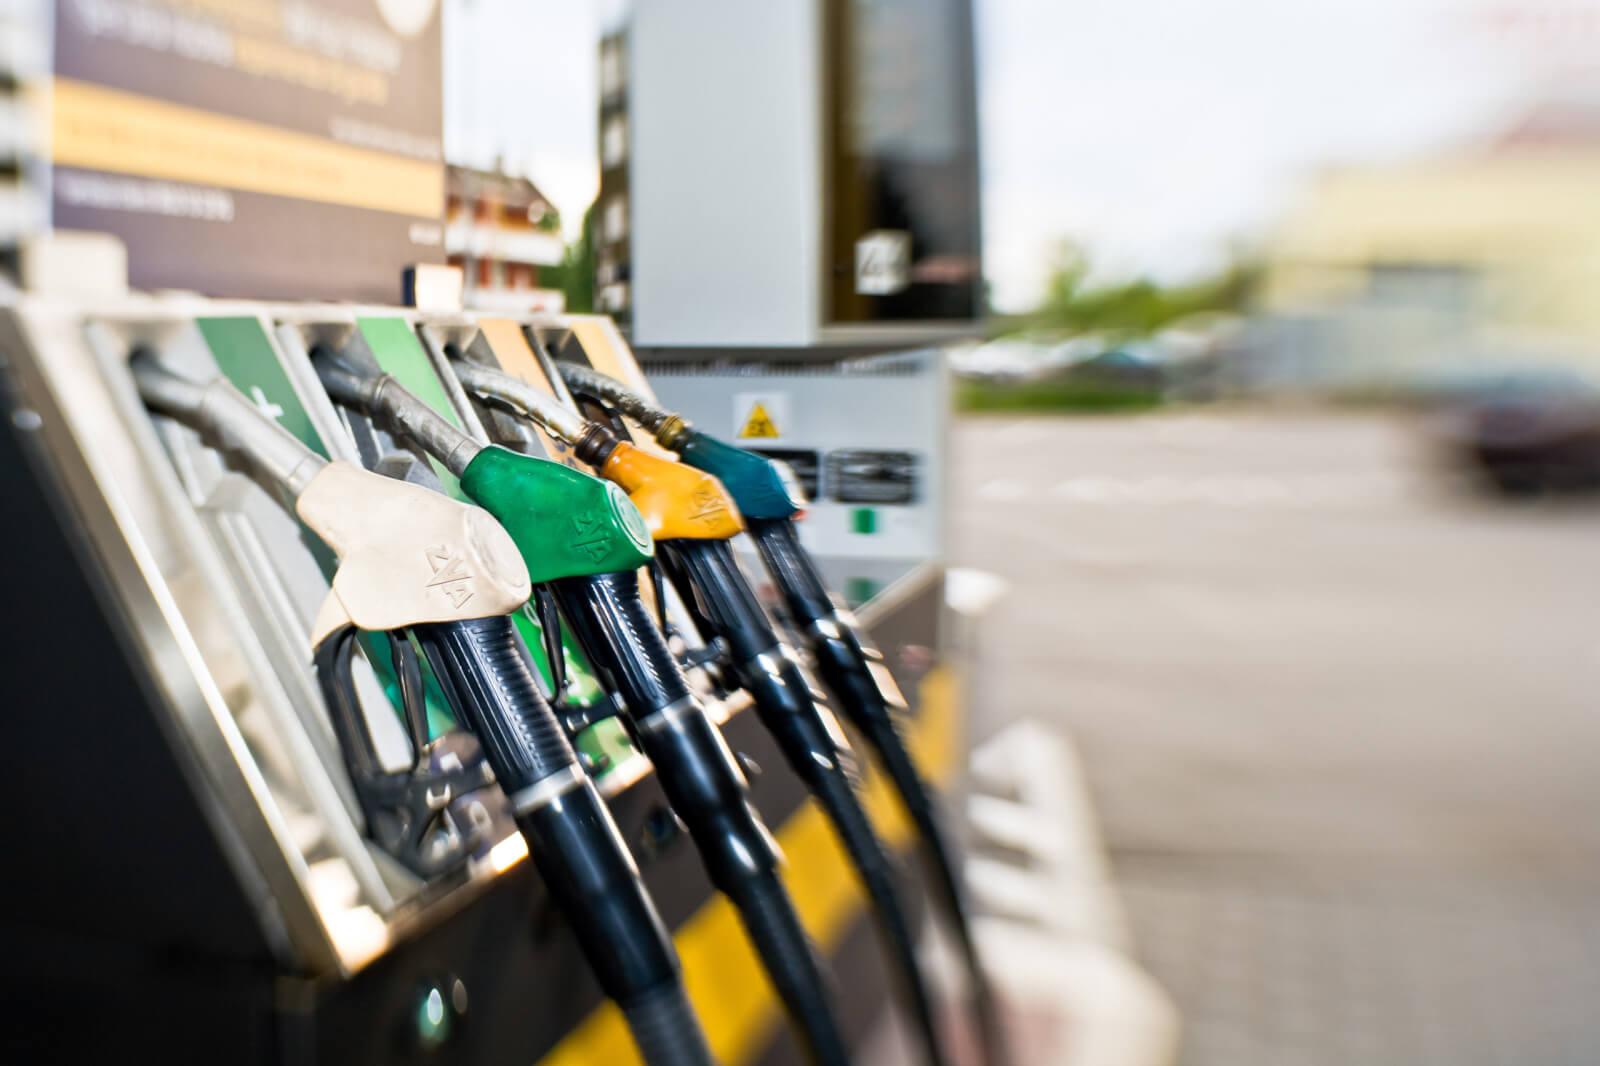 Petrol price hike 'foreshadows more economic shocks'